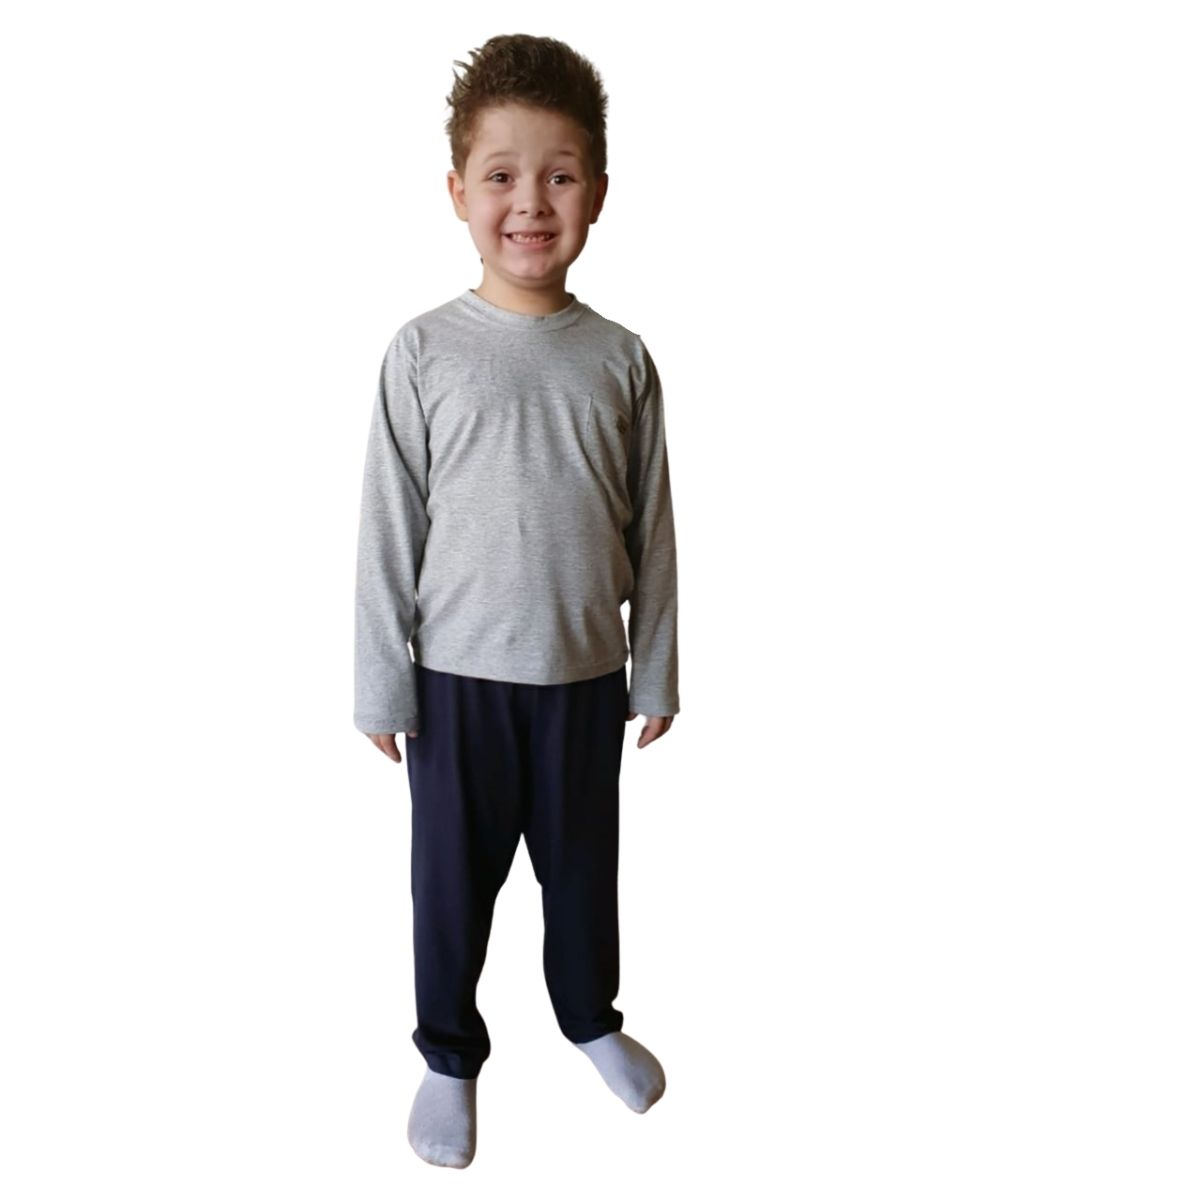 Pijama inverno infantil filho camiseta com bolso calça lisa